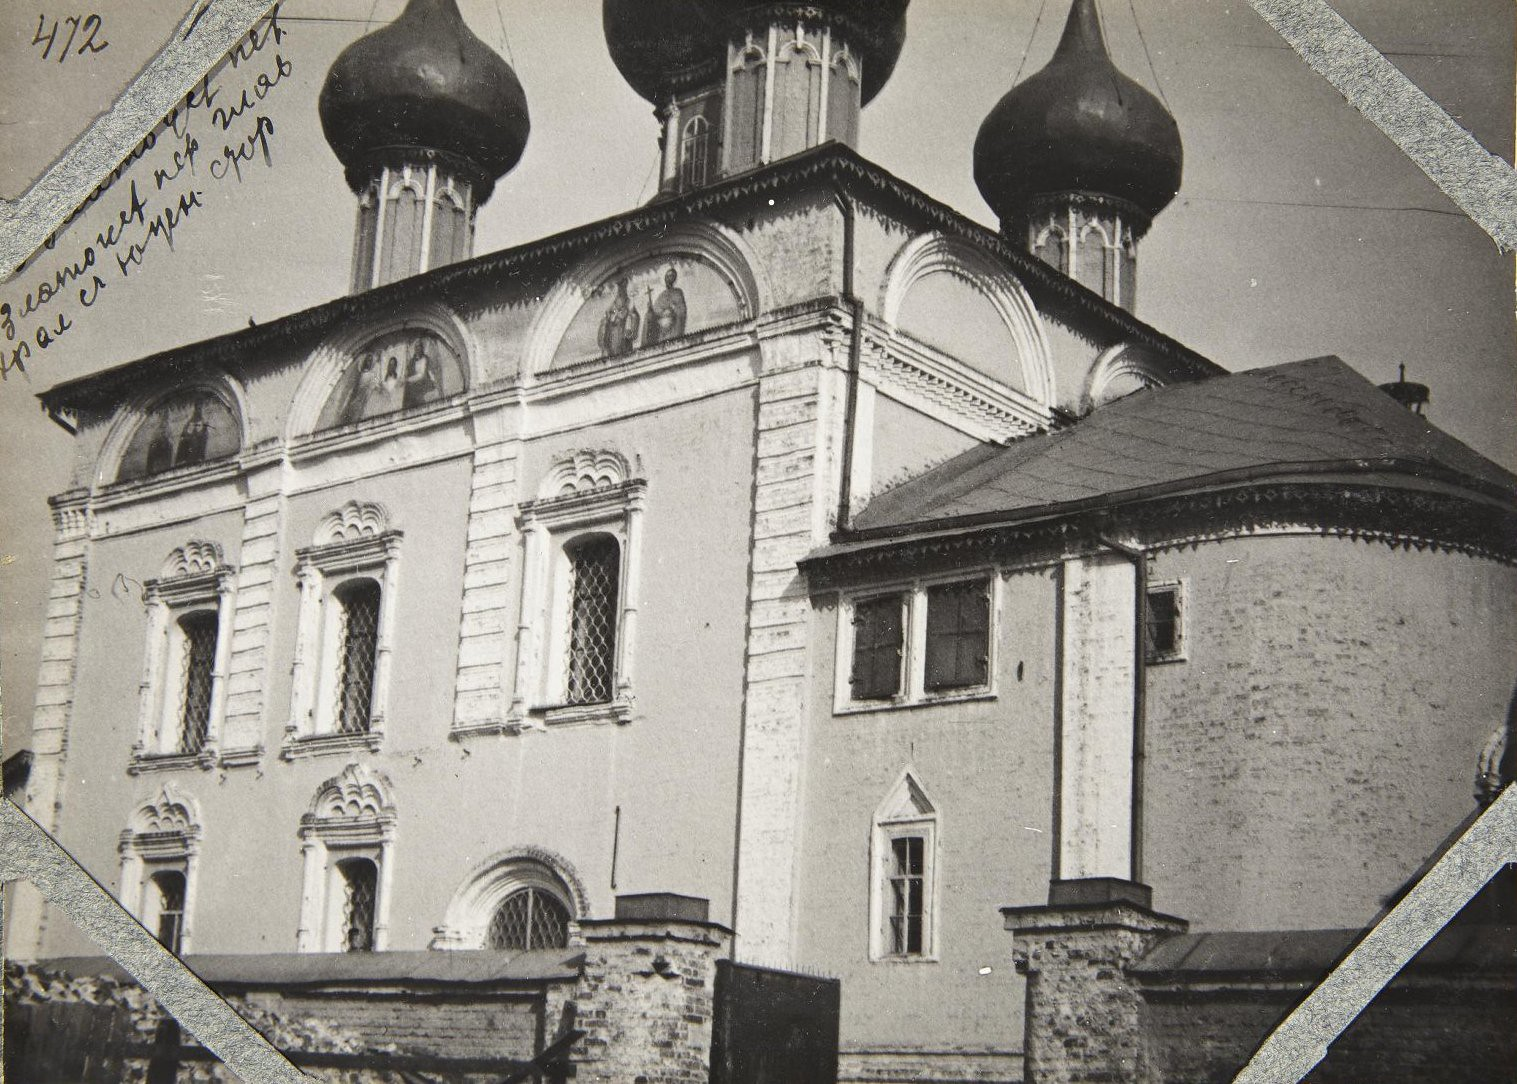 Златоустовский монастырь в Москве. Вид собора Иоанна Златоуста с южной стороны